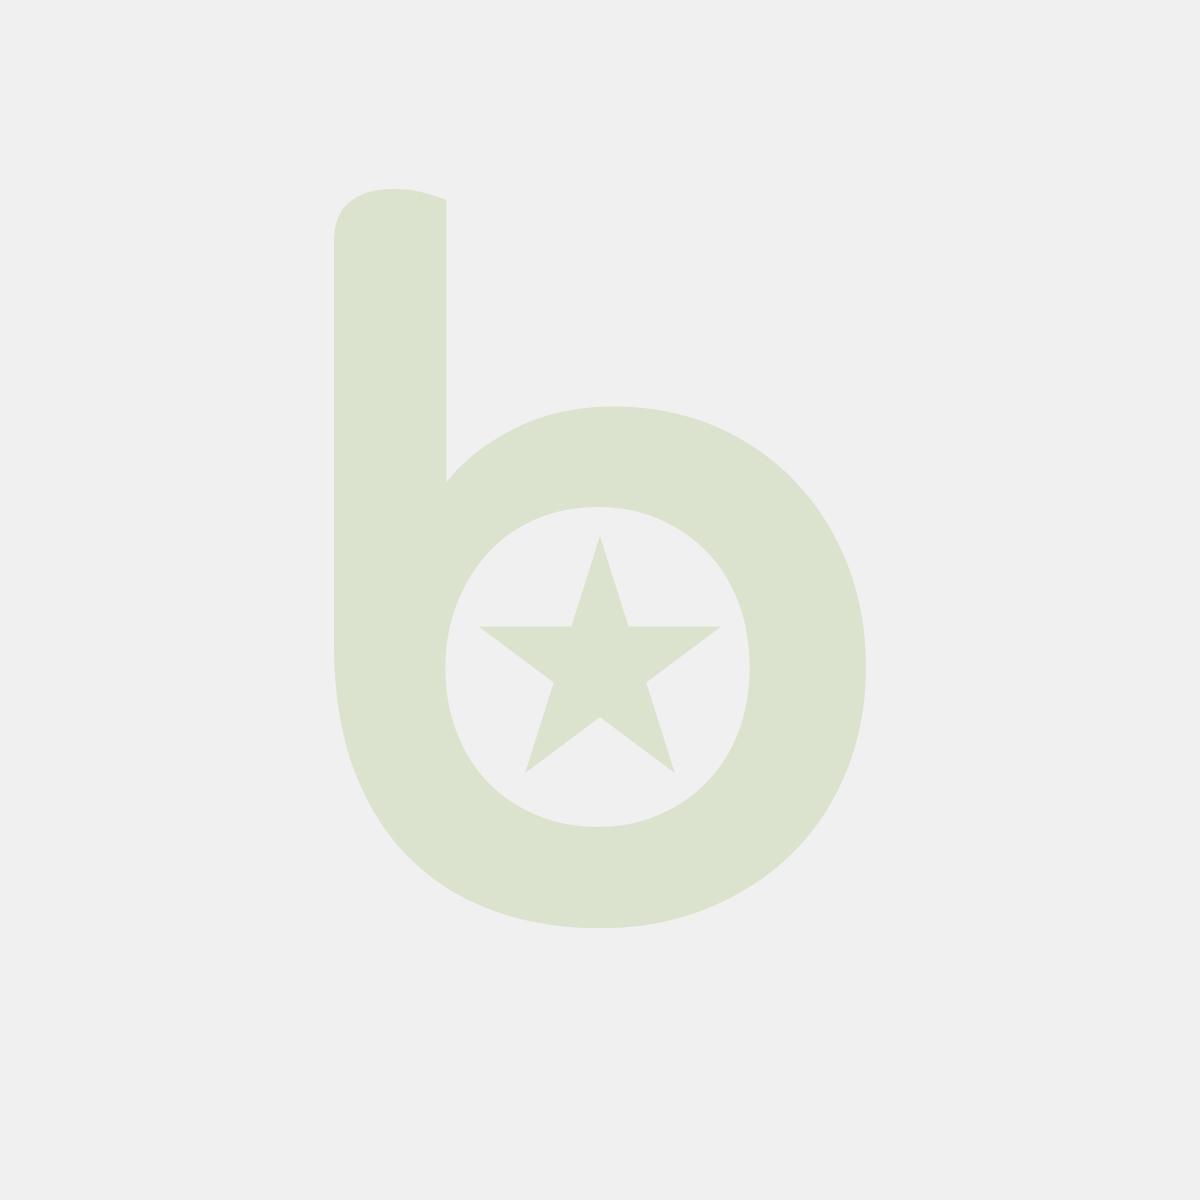 Paski wymienne Command™ (17024CLR PL), 12 szt., transparentne